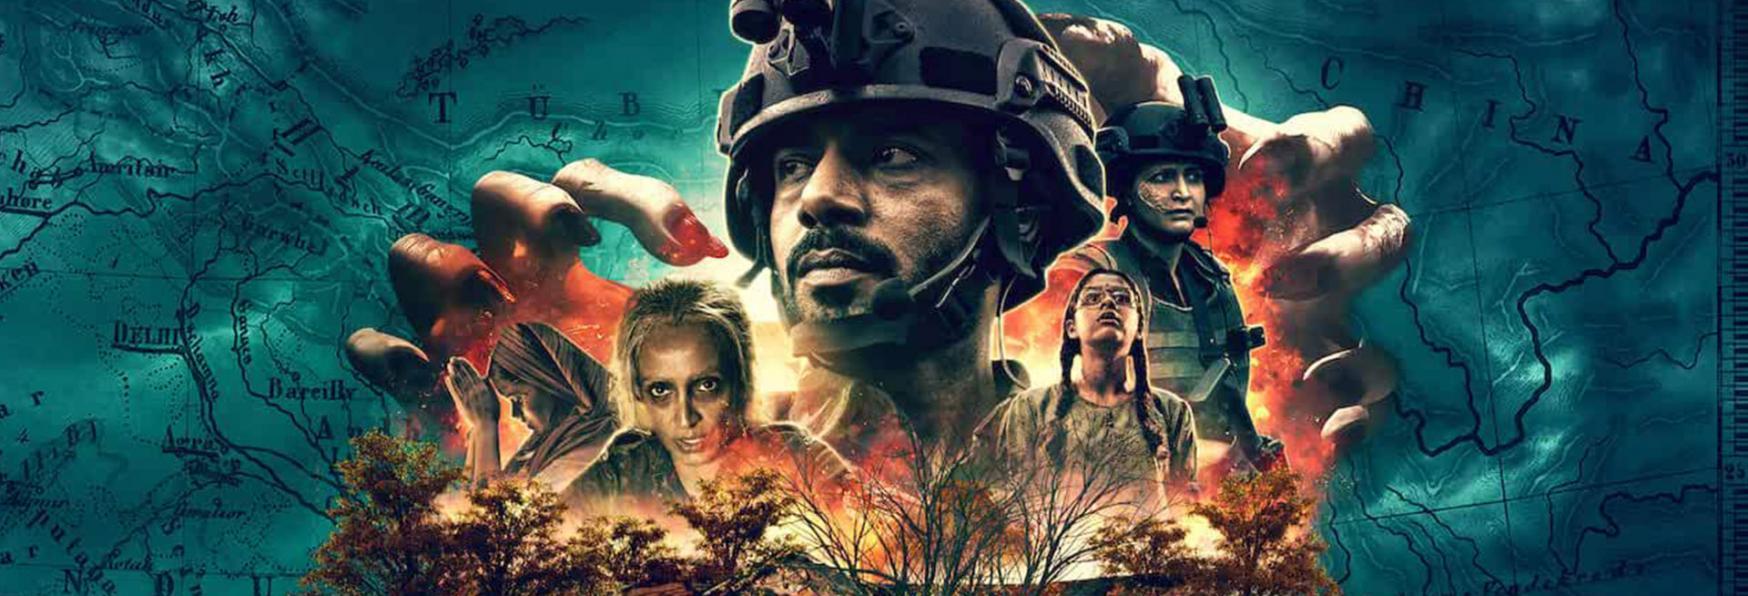 Betaal: Trama, Cast, Data e altre Informazioni sulla nuova Serie TV targata Netflix